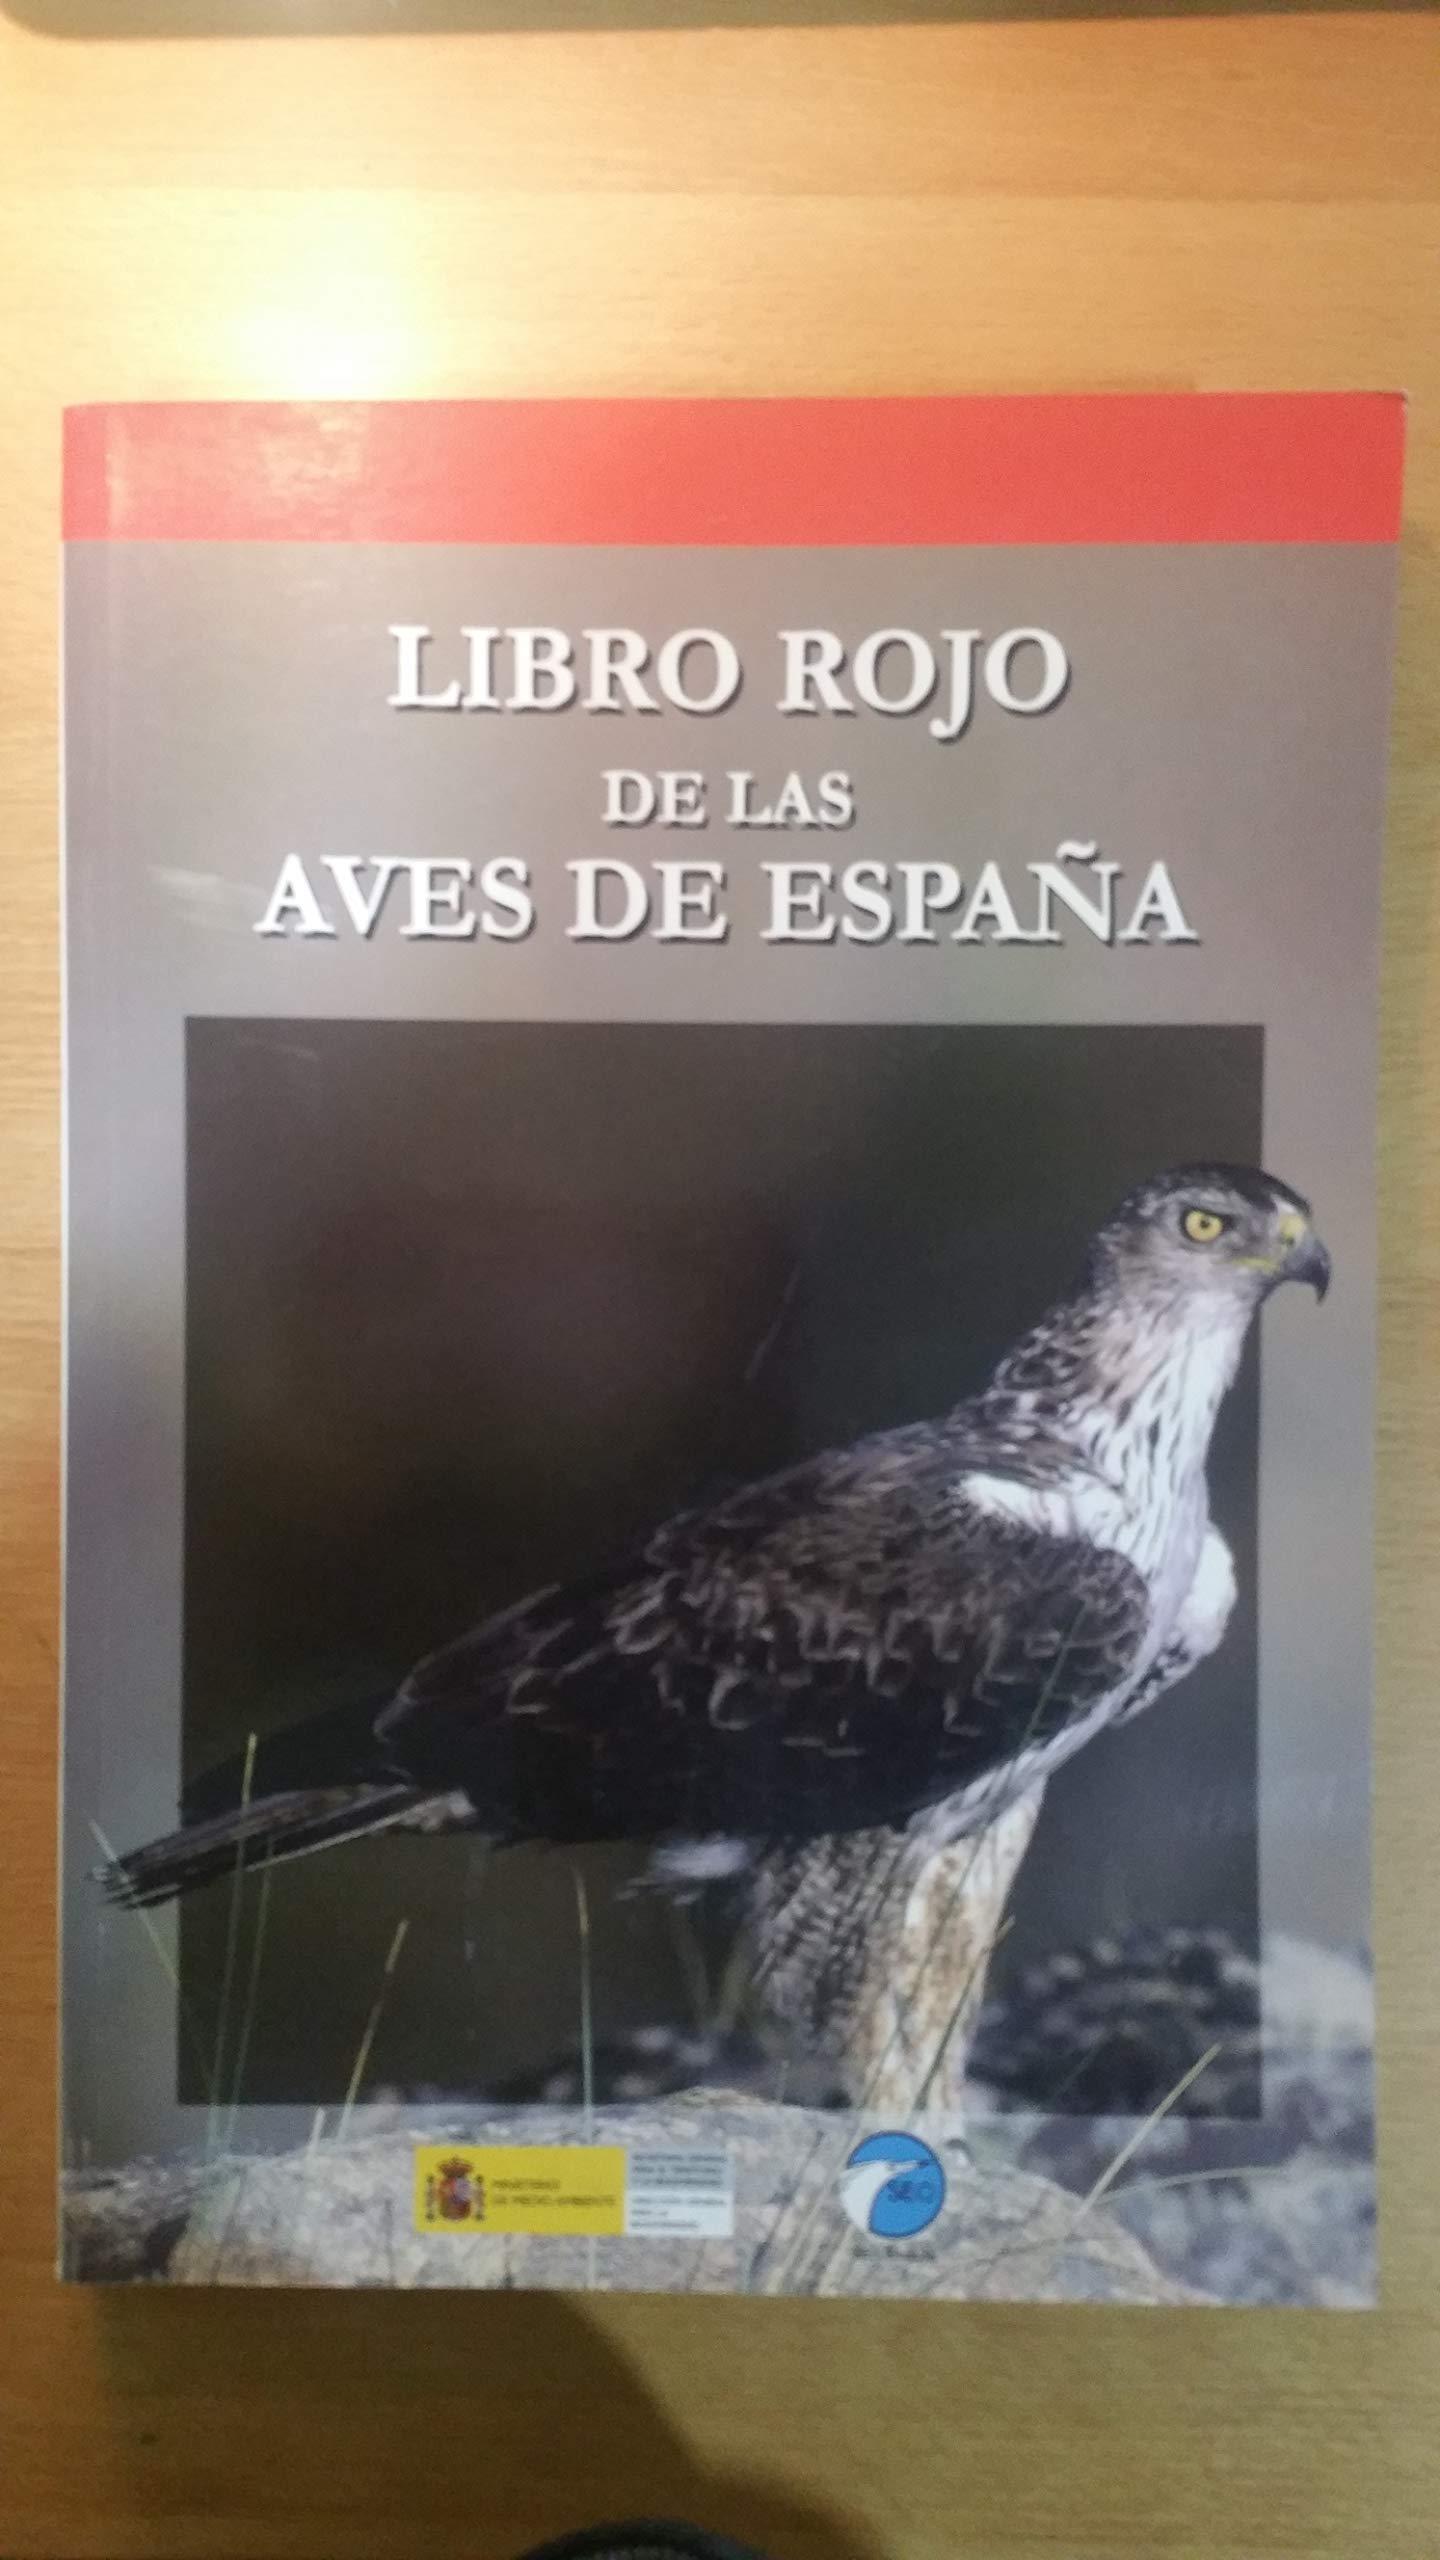 EL LIBRO ROJO DE LAS AVES DE ESPAÑA ALTAS-LIB5688: Amazon.es: MADROÑO NIETO, ALBERTO: Libros